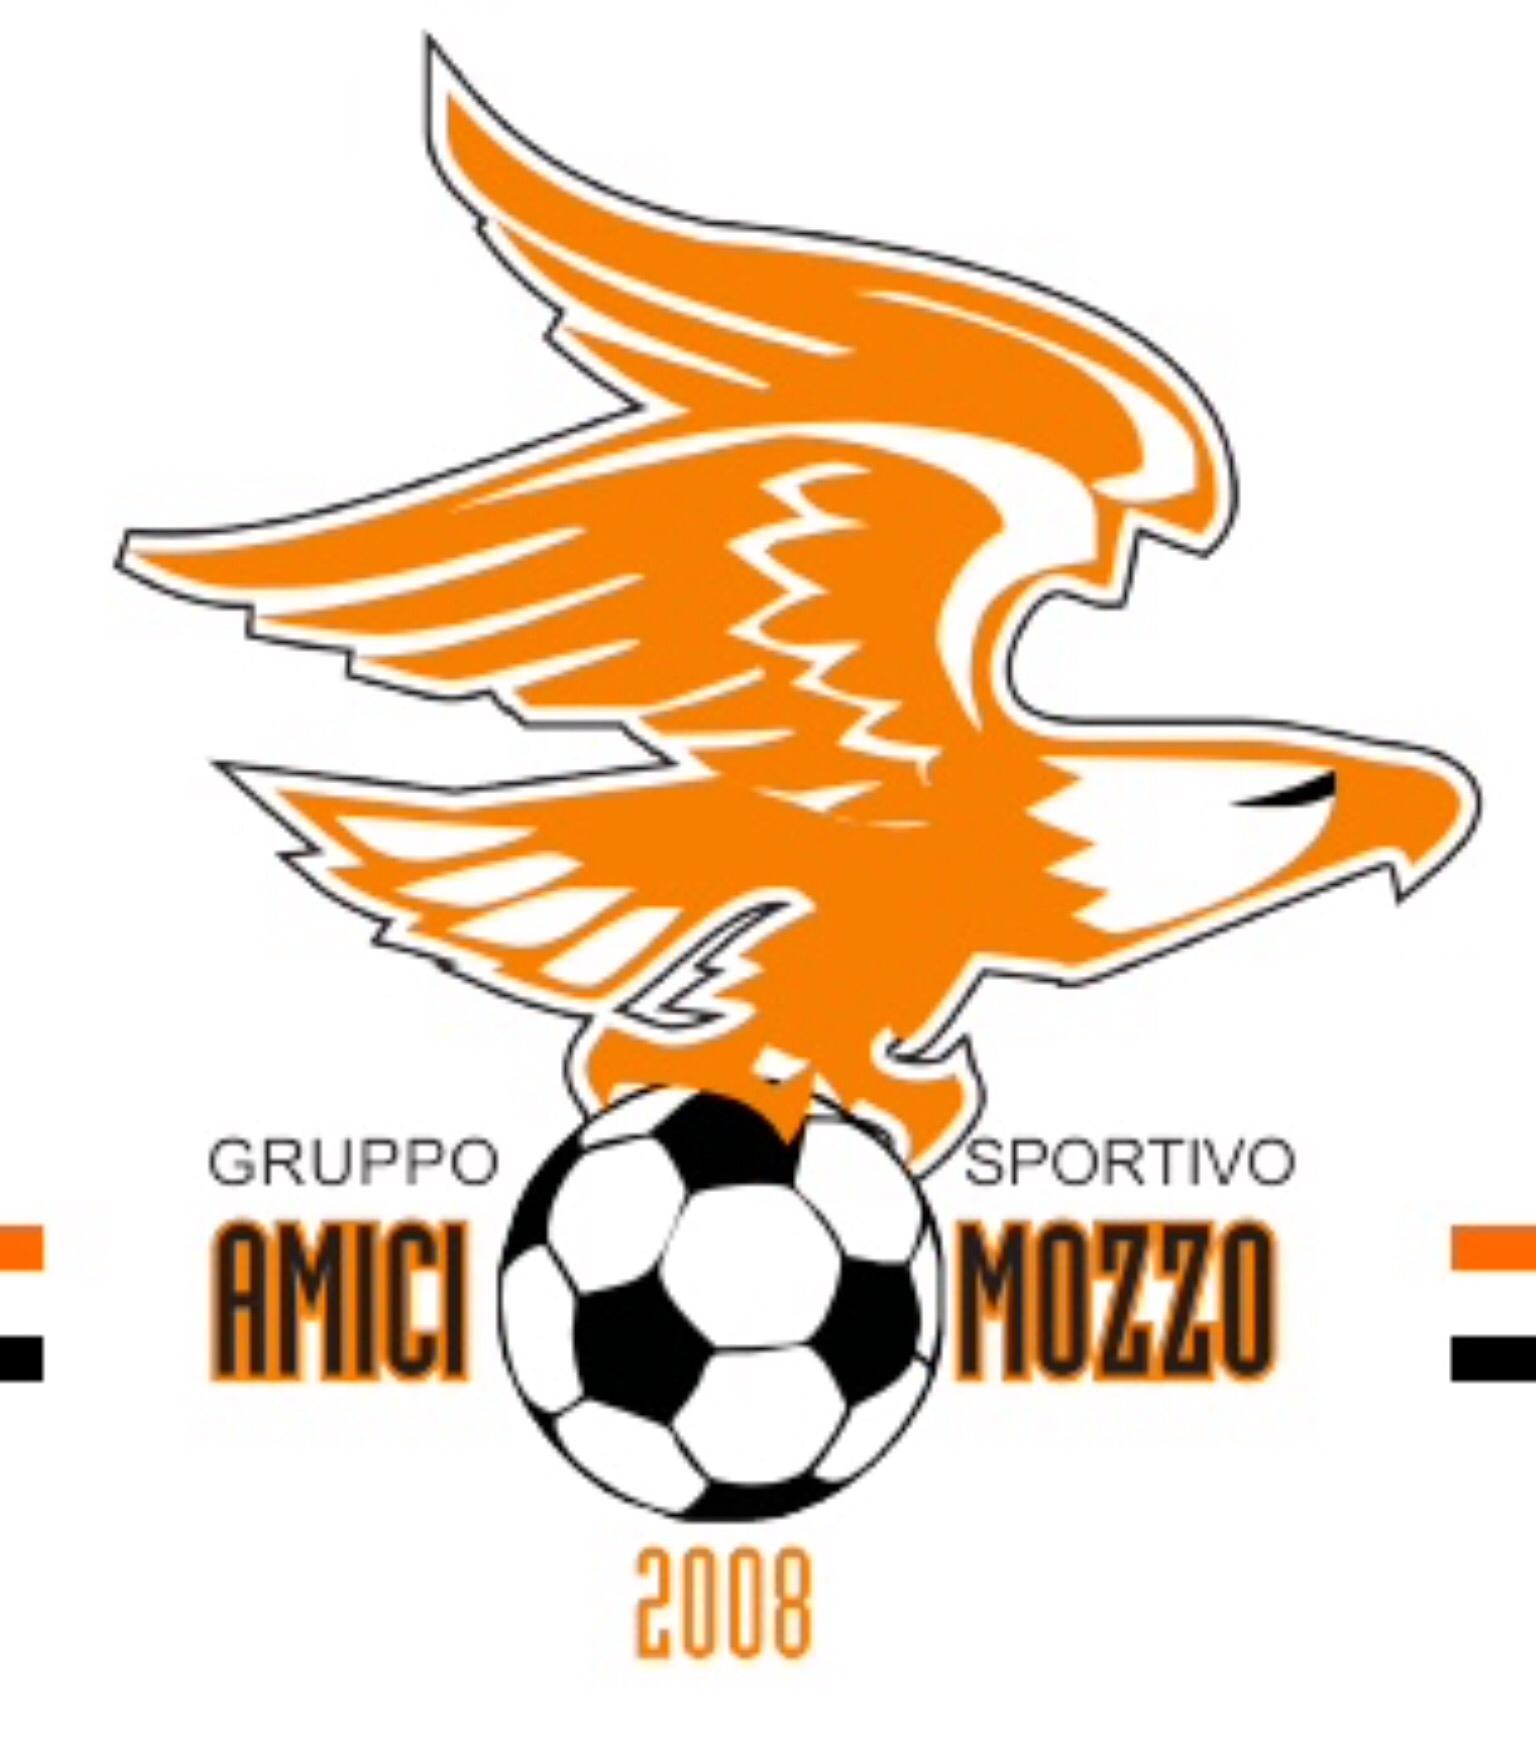 Calendario Terza Categoria.Mozzo Calcio Terza Categoria Girone A Calendario E